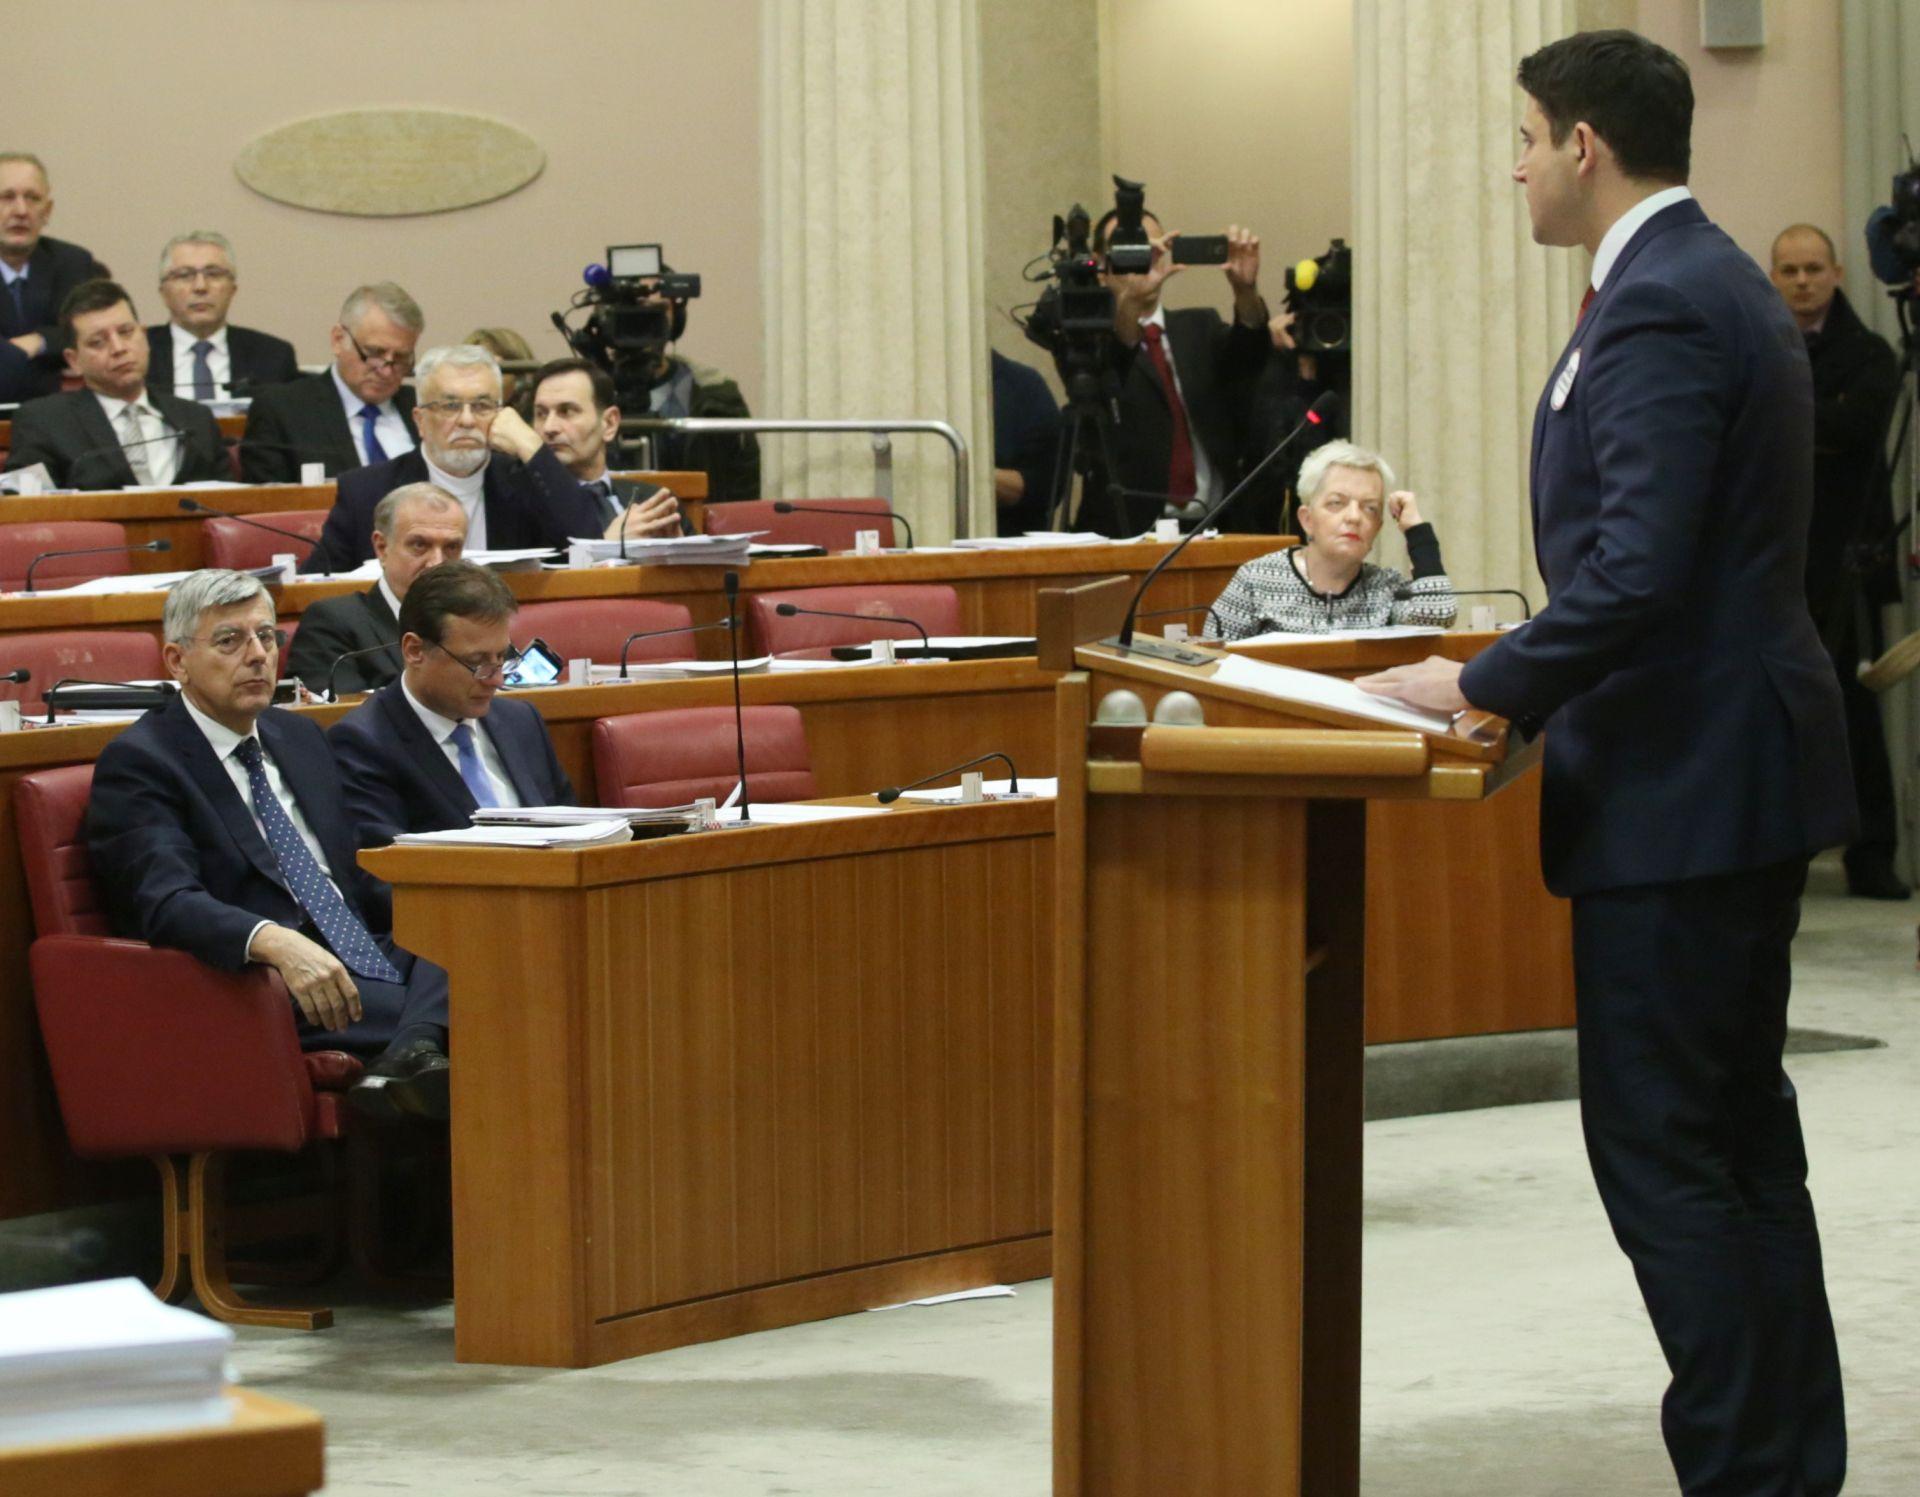 BERNARDIĆ PREMIJERU: 'Upotrijebite razum i budite reformator, a ne falsifikator'